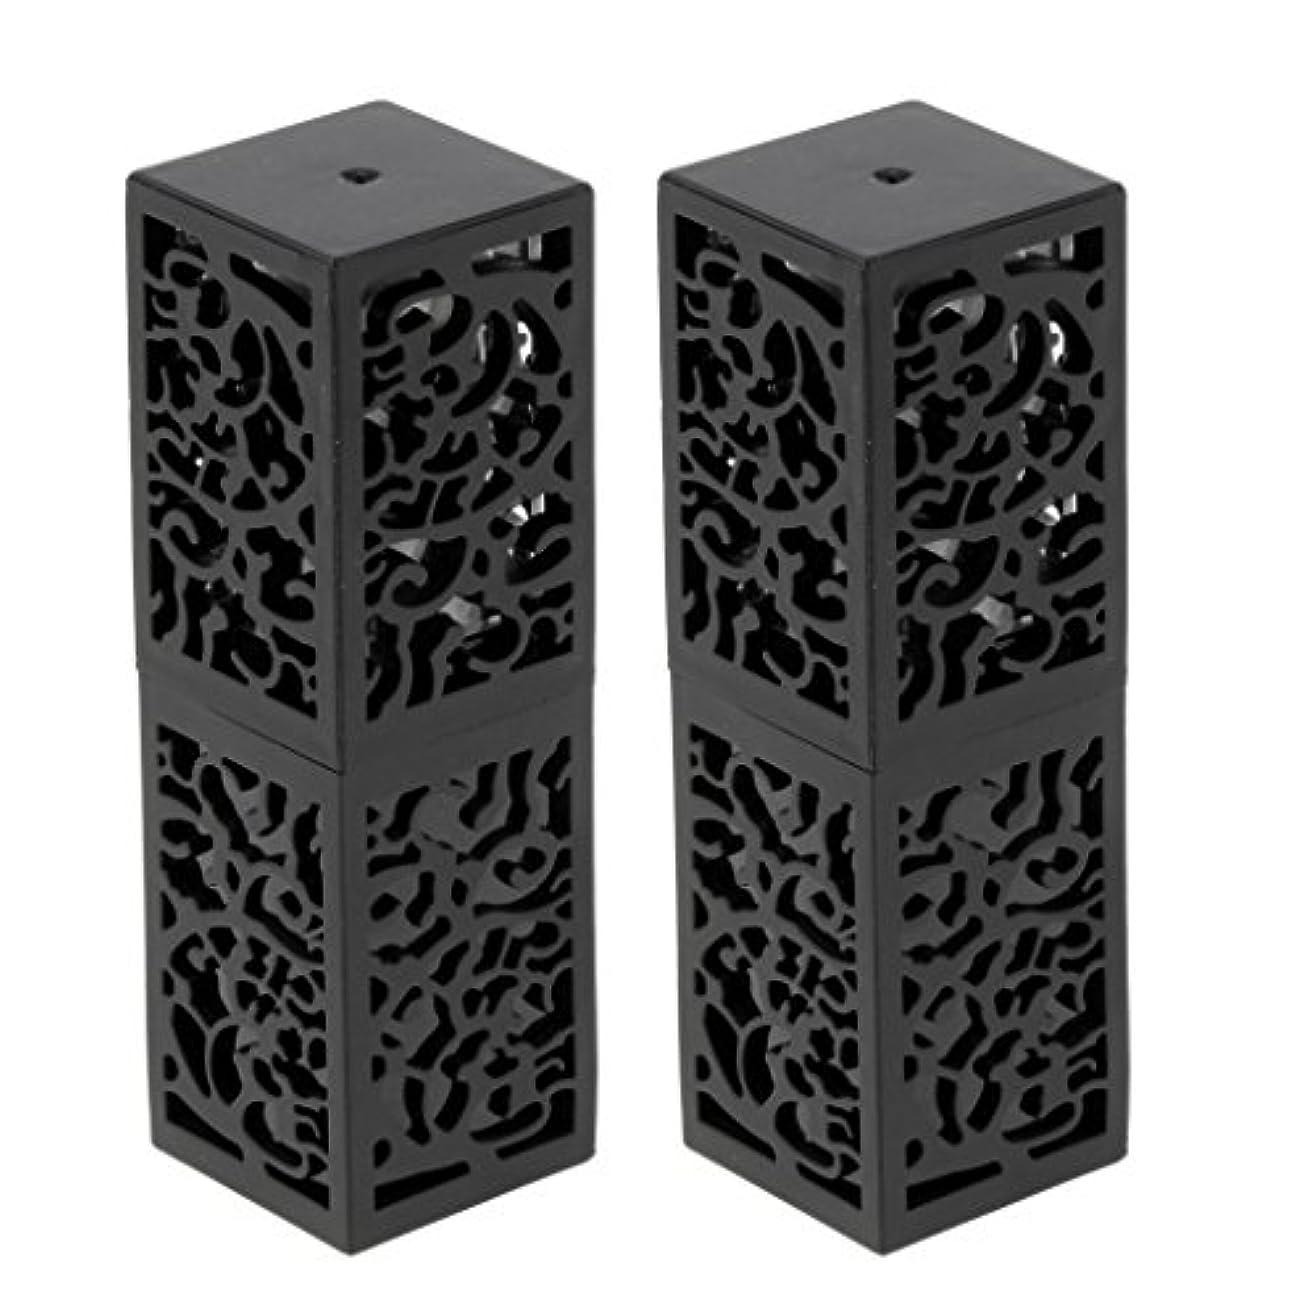 うめき声食器棚認めるおしゃれ 口紅チューブ リップスティックチューブ 内径1.21cm 金型 手作り 2個 全2色 - ブラック